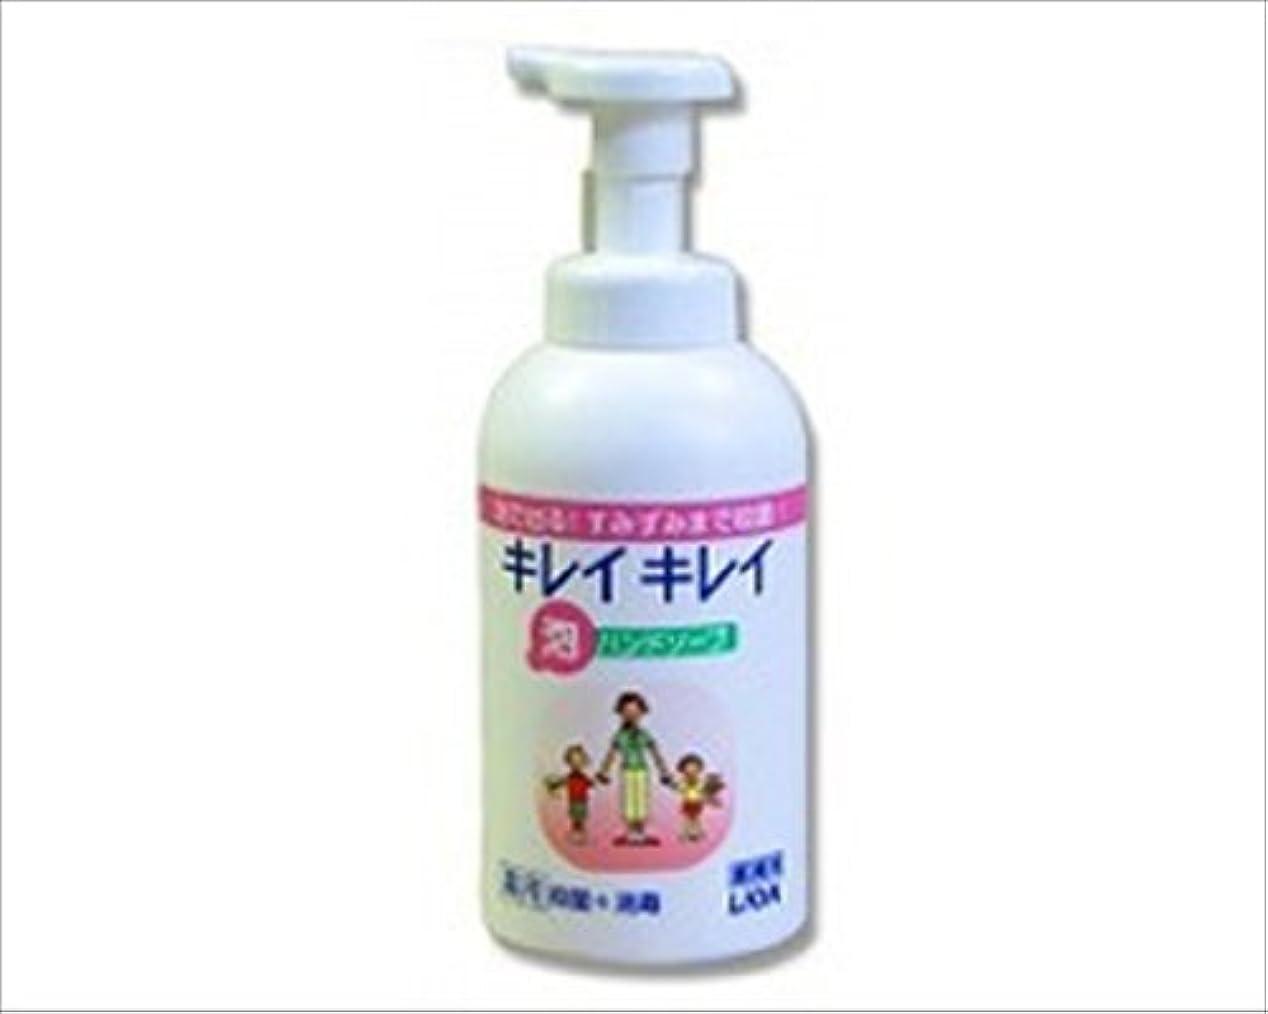 軽食政令疼痛ライオン キレイキレイ薬用泡ハンドソープ/ 550mL 大型ポンプ本体